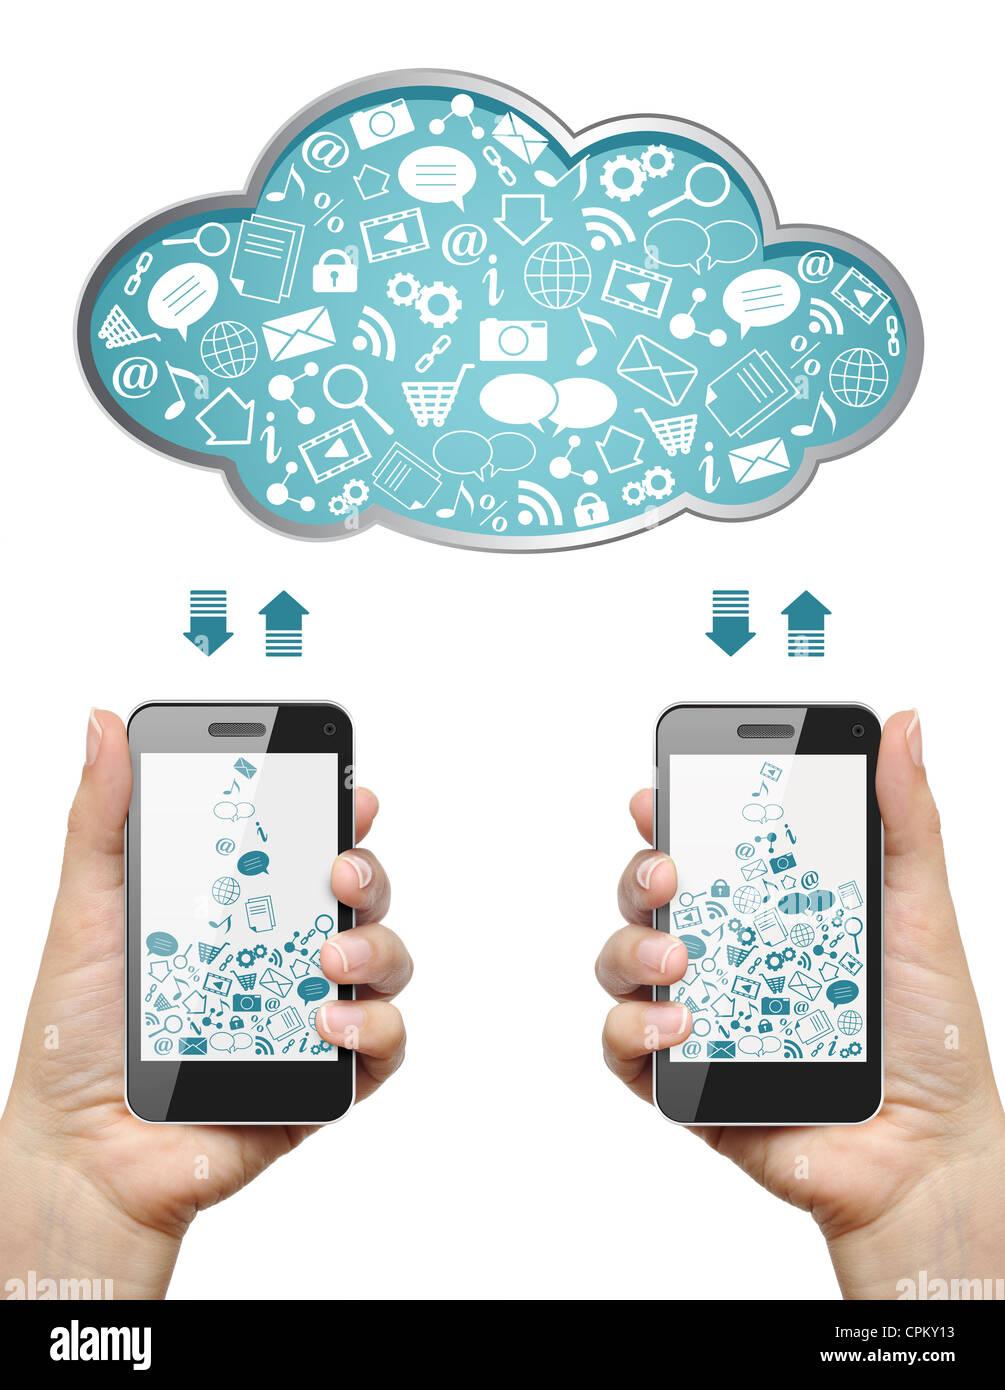 Teléfonos móviles en manos femeninas descargar información de la nube aislado en blanco. Concepto Imagen De Stock